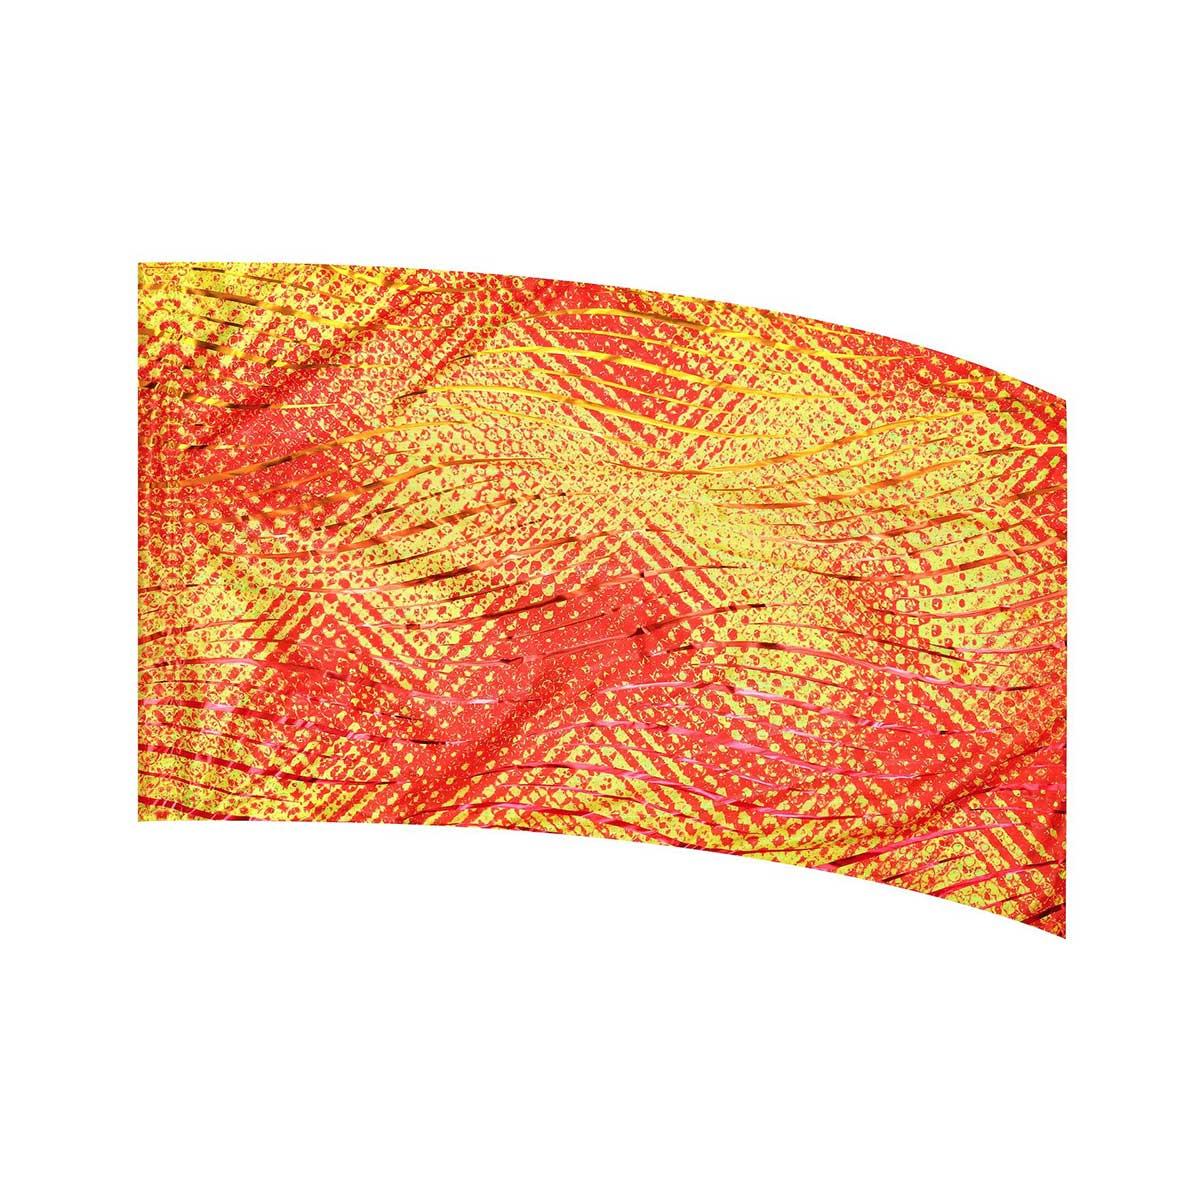 In-Stock Genesis Flags: 3022